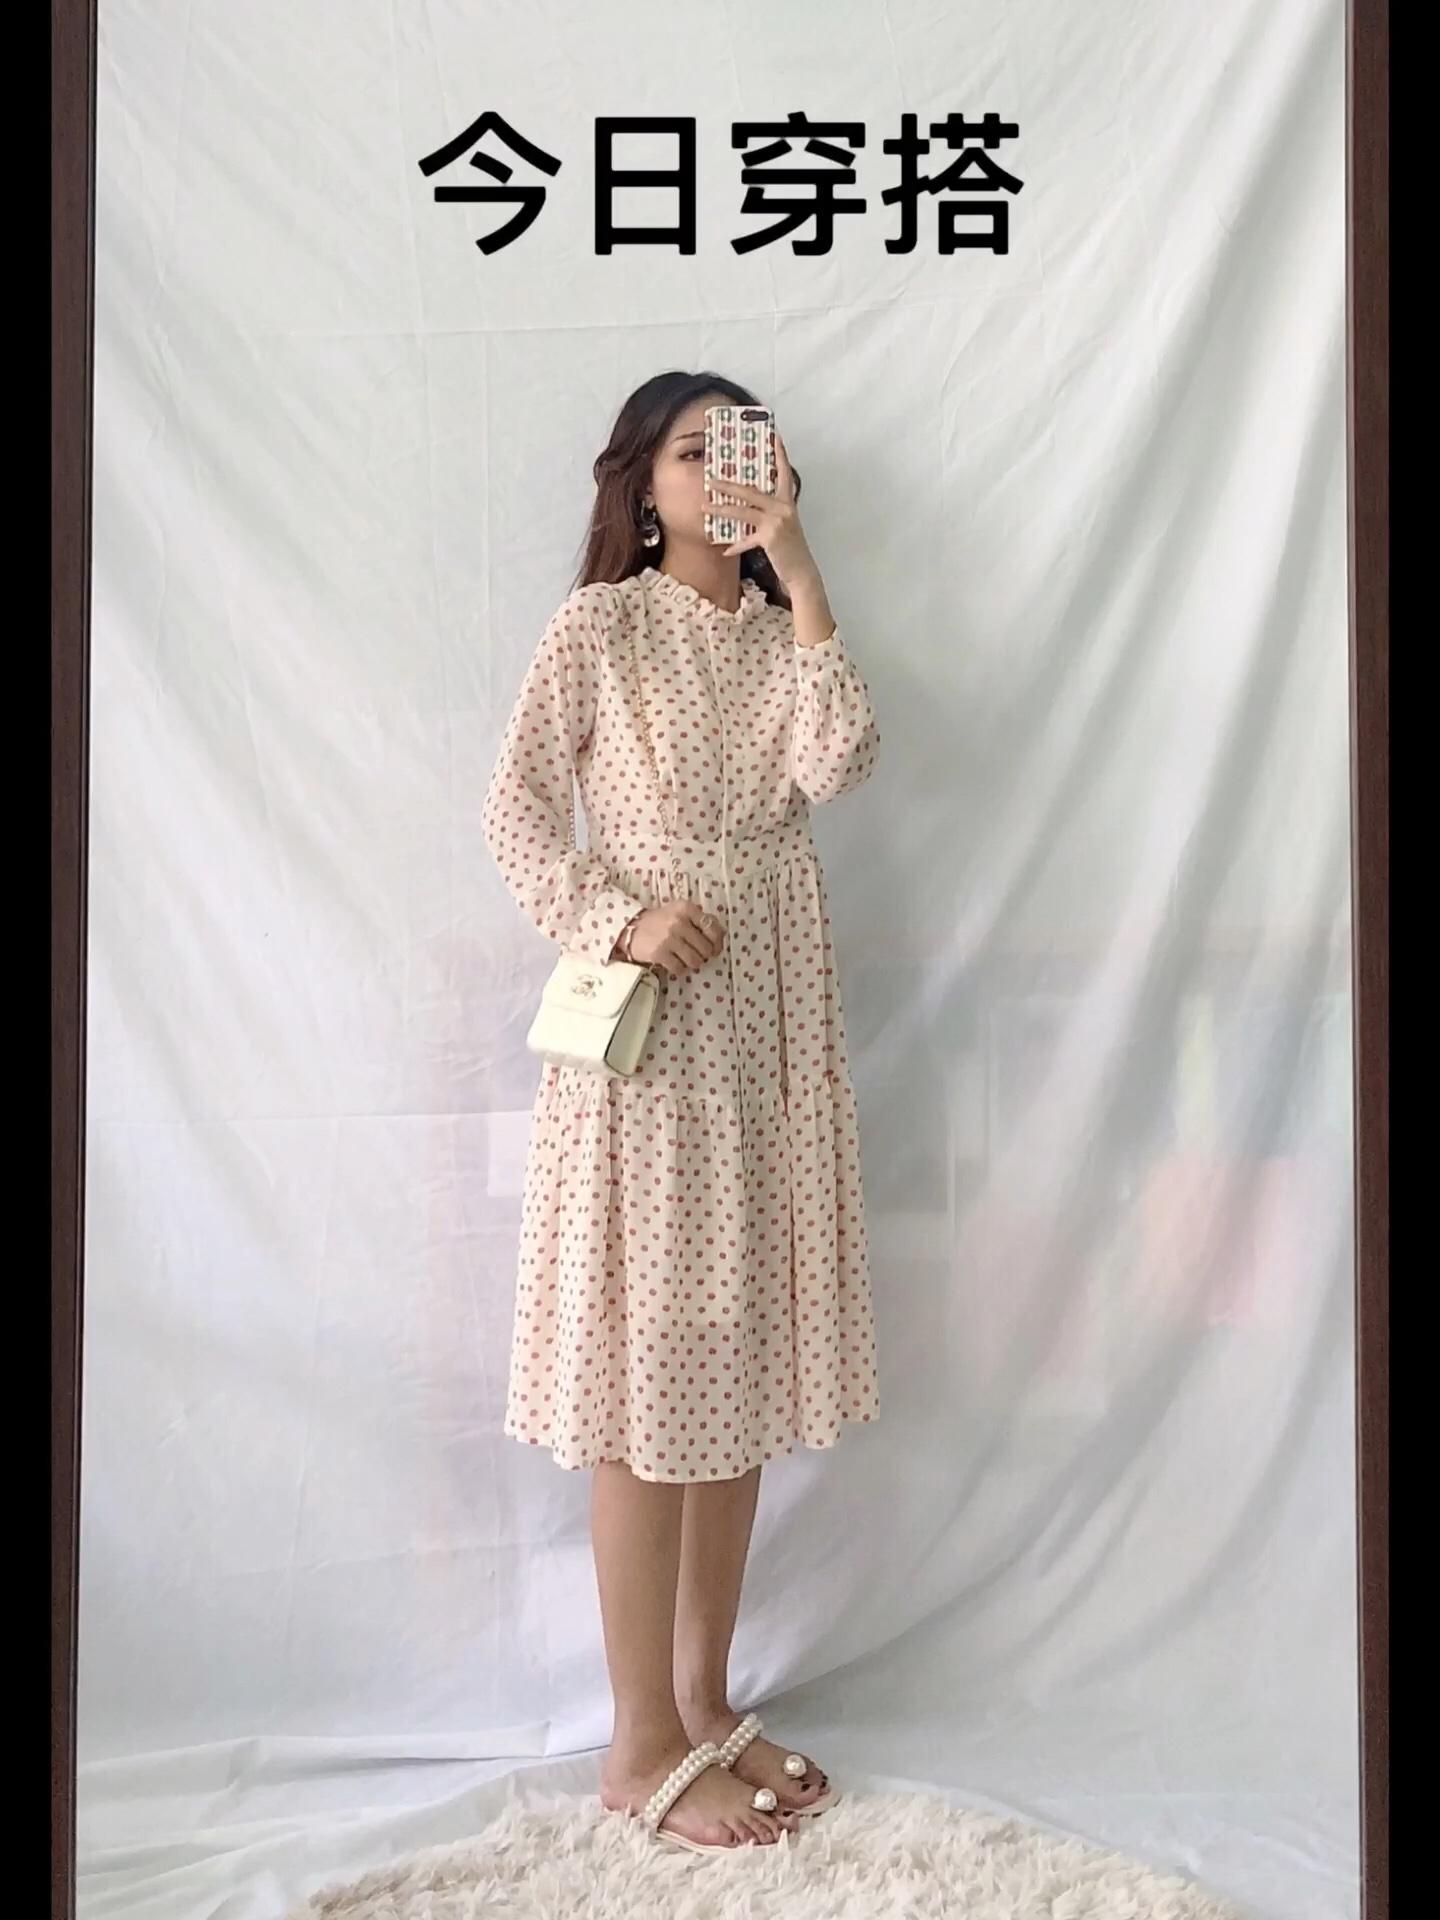 今日推荐:法式波点连衣裙 好看指数🌟🌟🌟🌟🌟 显白指数🌟🌟🌟🌟🌟 时尚指数🌟🌟🌟🌟🌟 厚度:初秋 特点:木耳边拼接领口,散发着少女气息,减龄波点元素的加持很仙的说!高腰修身的设计,收腹束腰凸显曲线,很甜的一条连衣裙,无敌适合七夕约会 #初秋第一款,必须是____?#